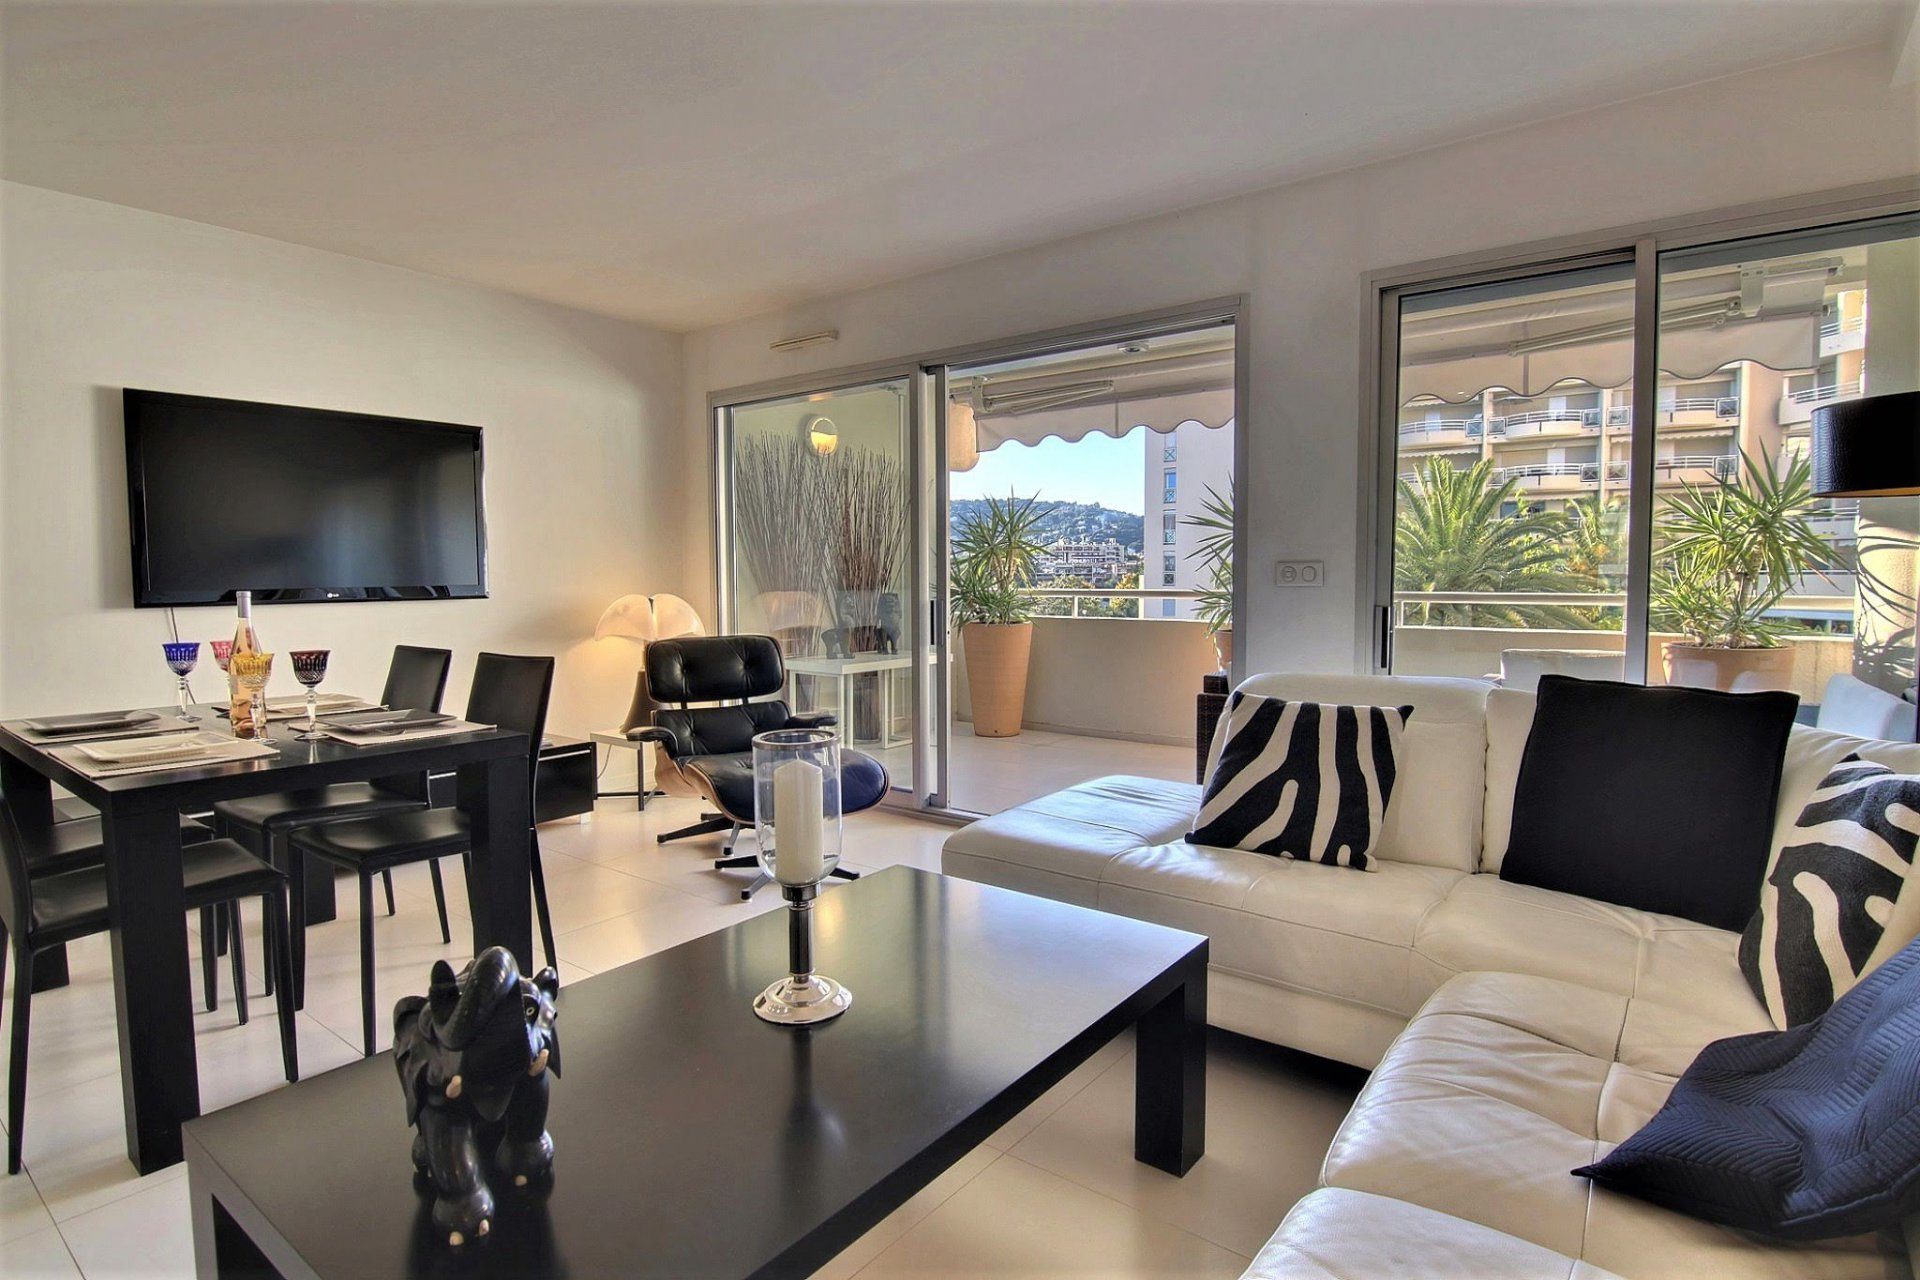 Appartement-loft 2/3 pieces, residence de luxe avec piscine